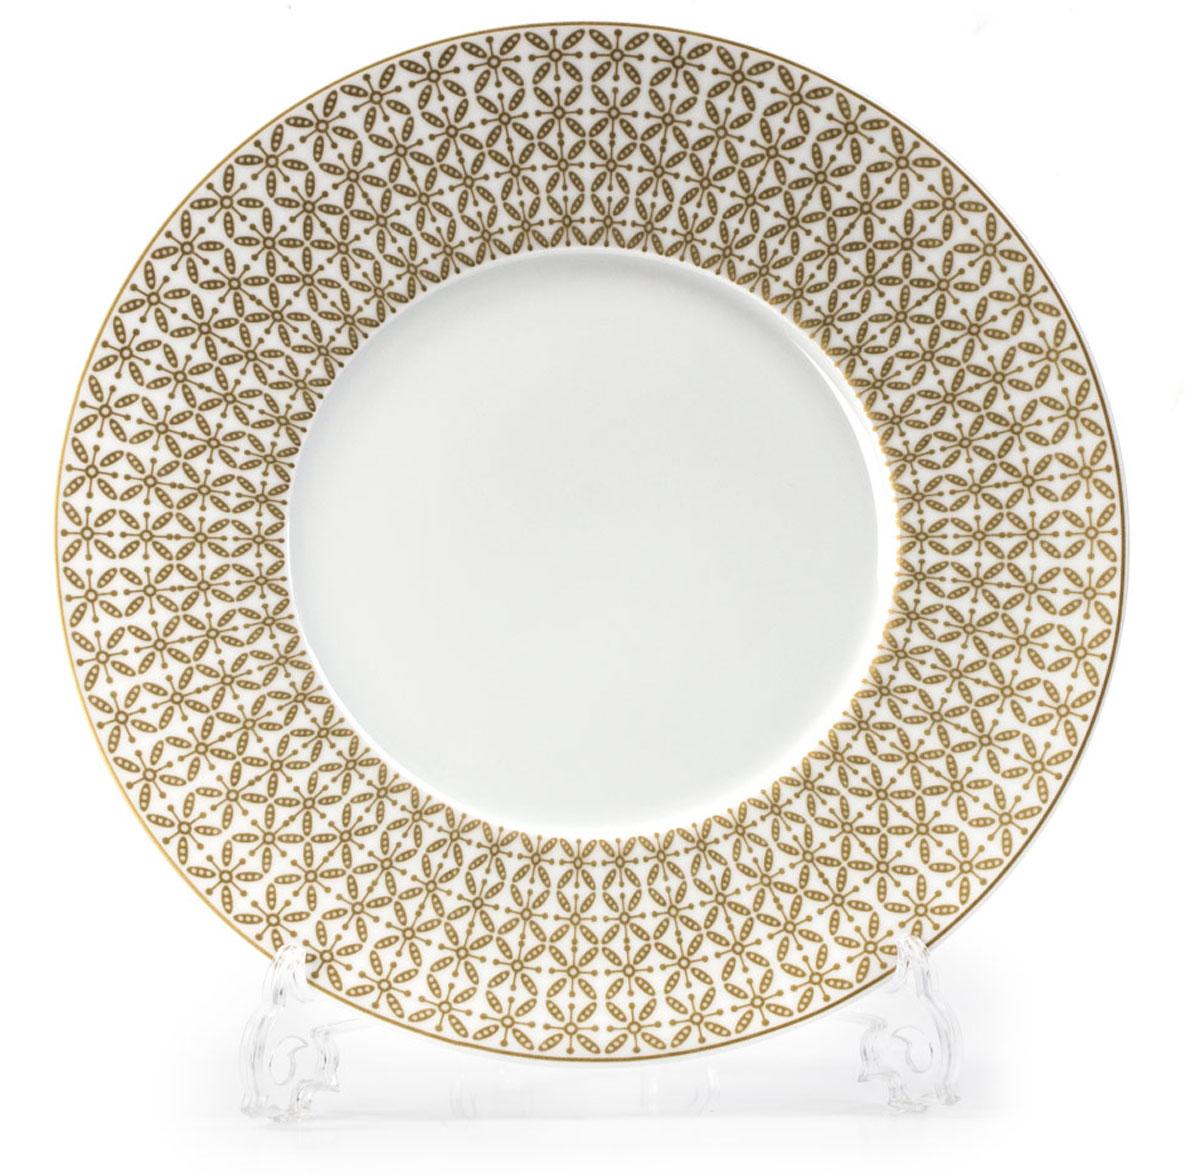 Тарелка La Rose des Sables Ажур, цвет: золотой, диаметр 27 см830127 2302